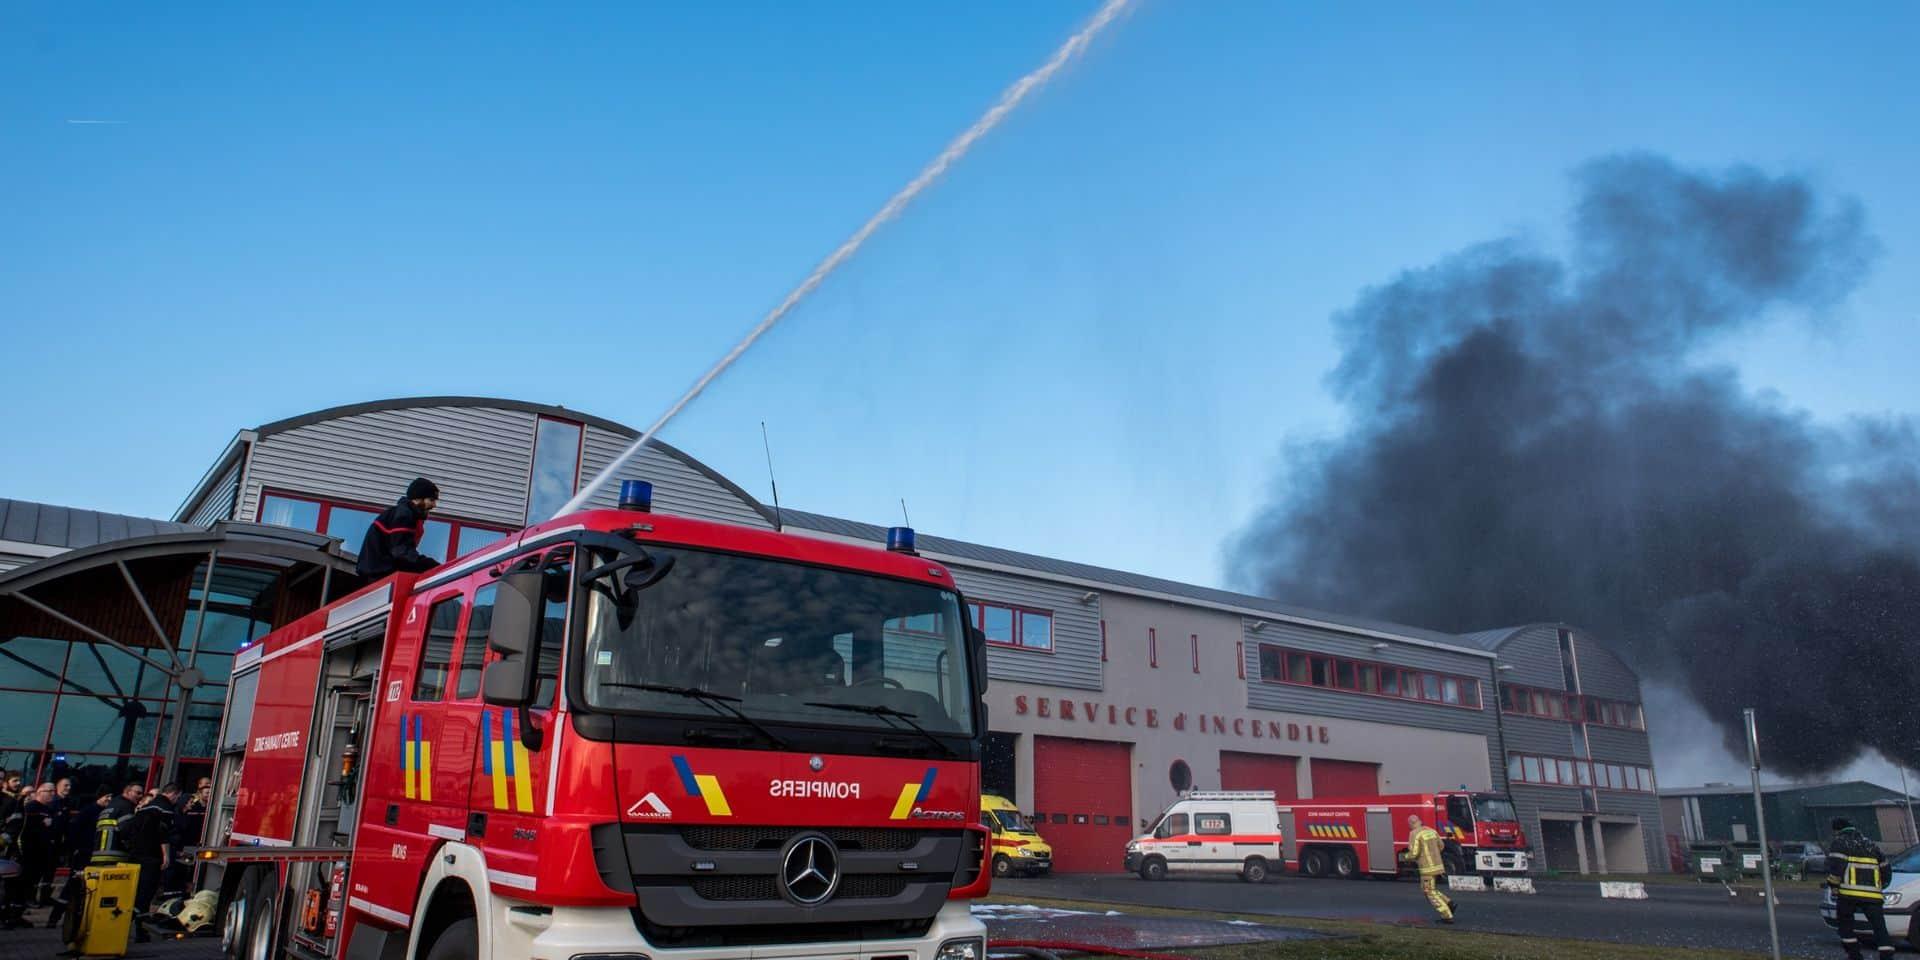 Zone de secours Hainaut-Centre: Les syndicats espèrent repartir sur de bonnes bases